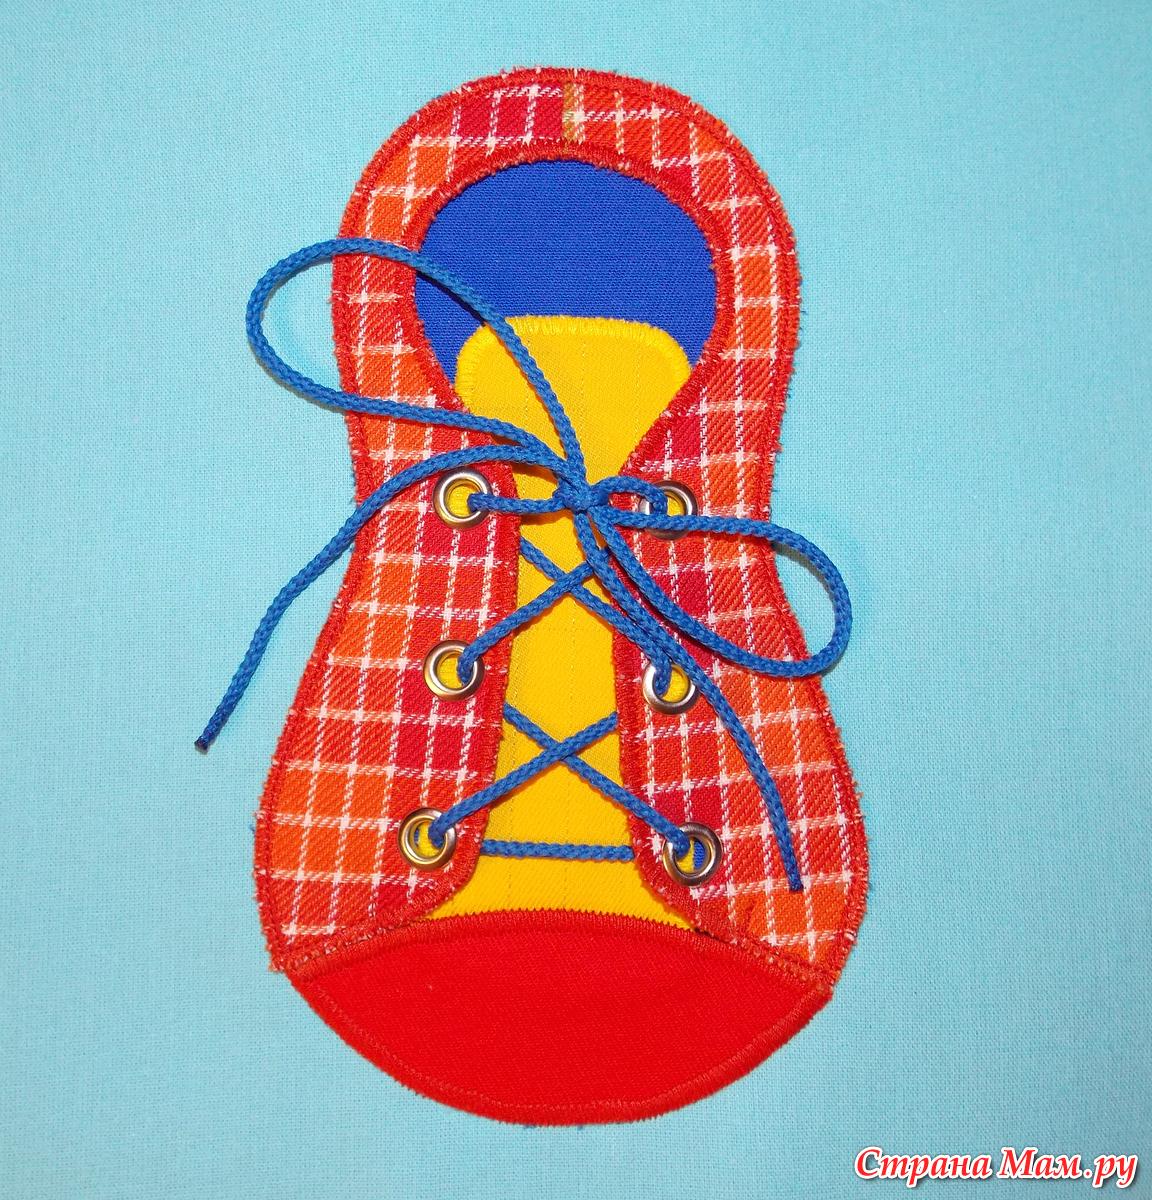 Игры шнуровки для детей своими руками. 50 шаблонов для 24